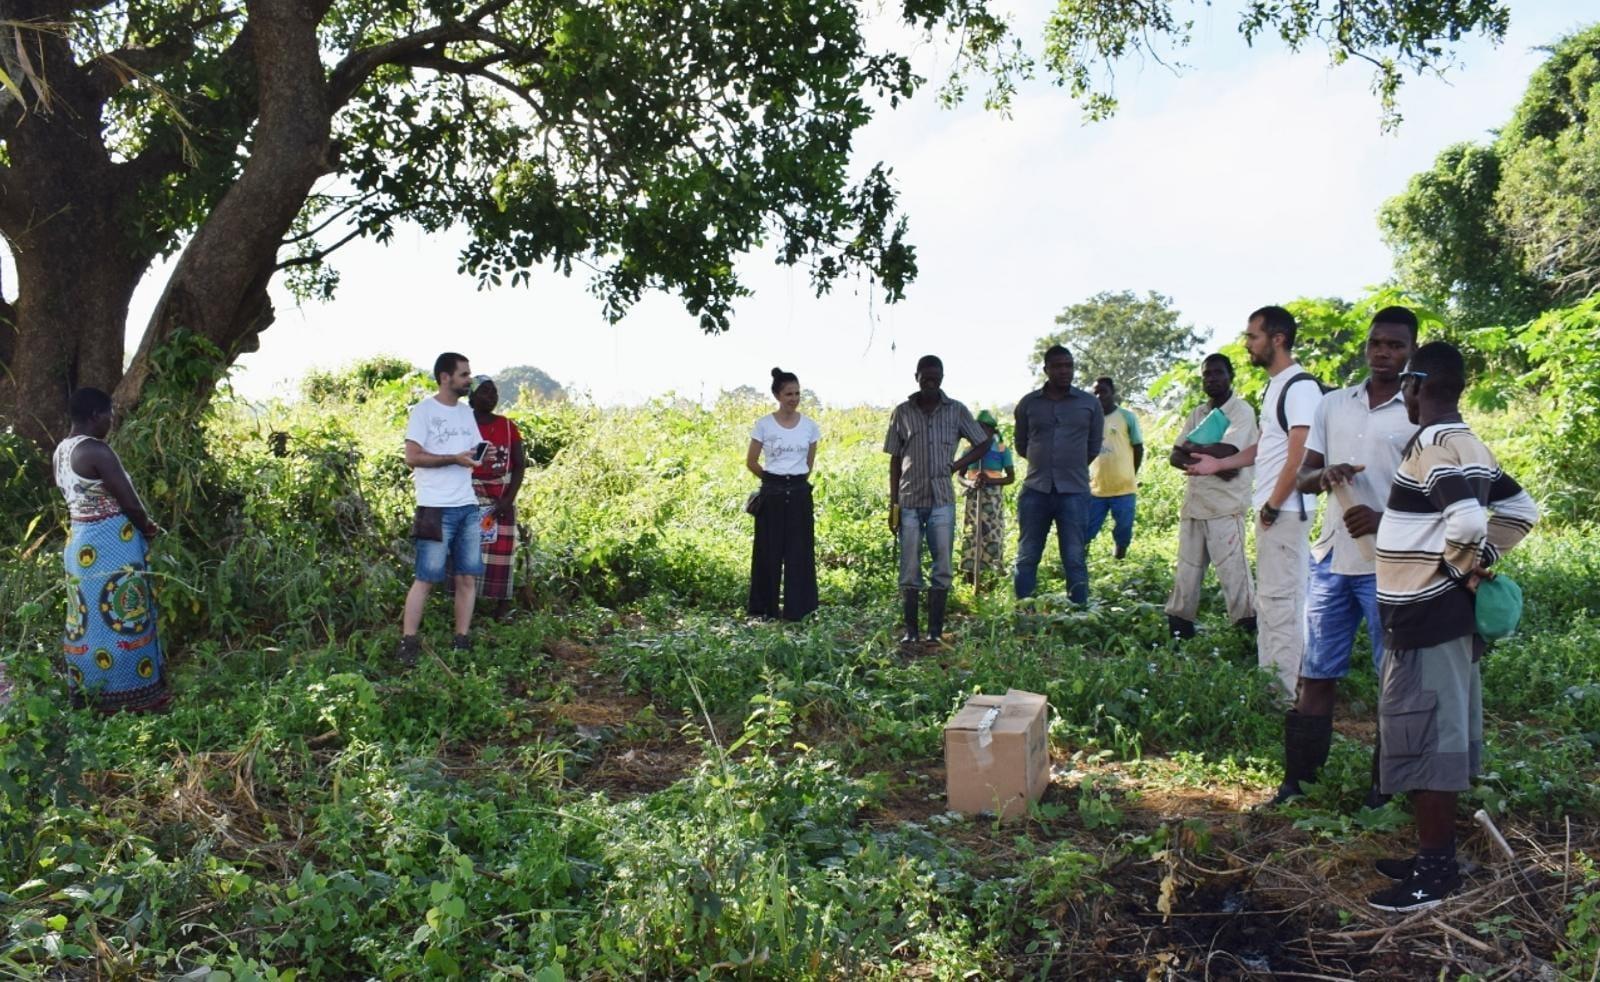 El confinamiento amenaza aún más a la frágil economía de Mozambique